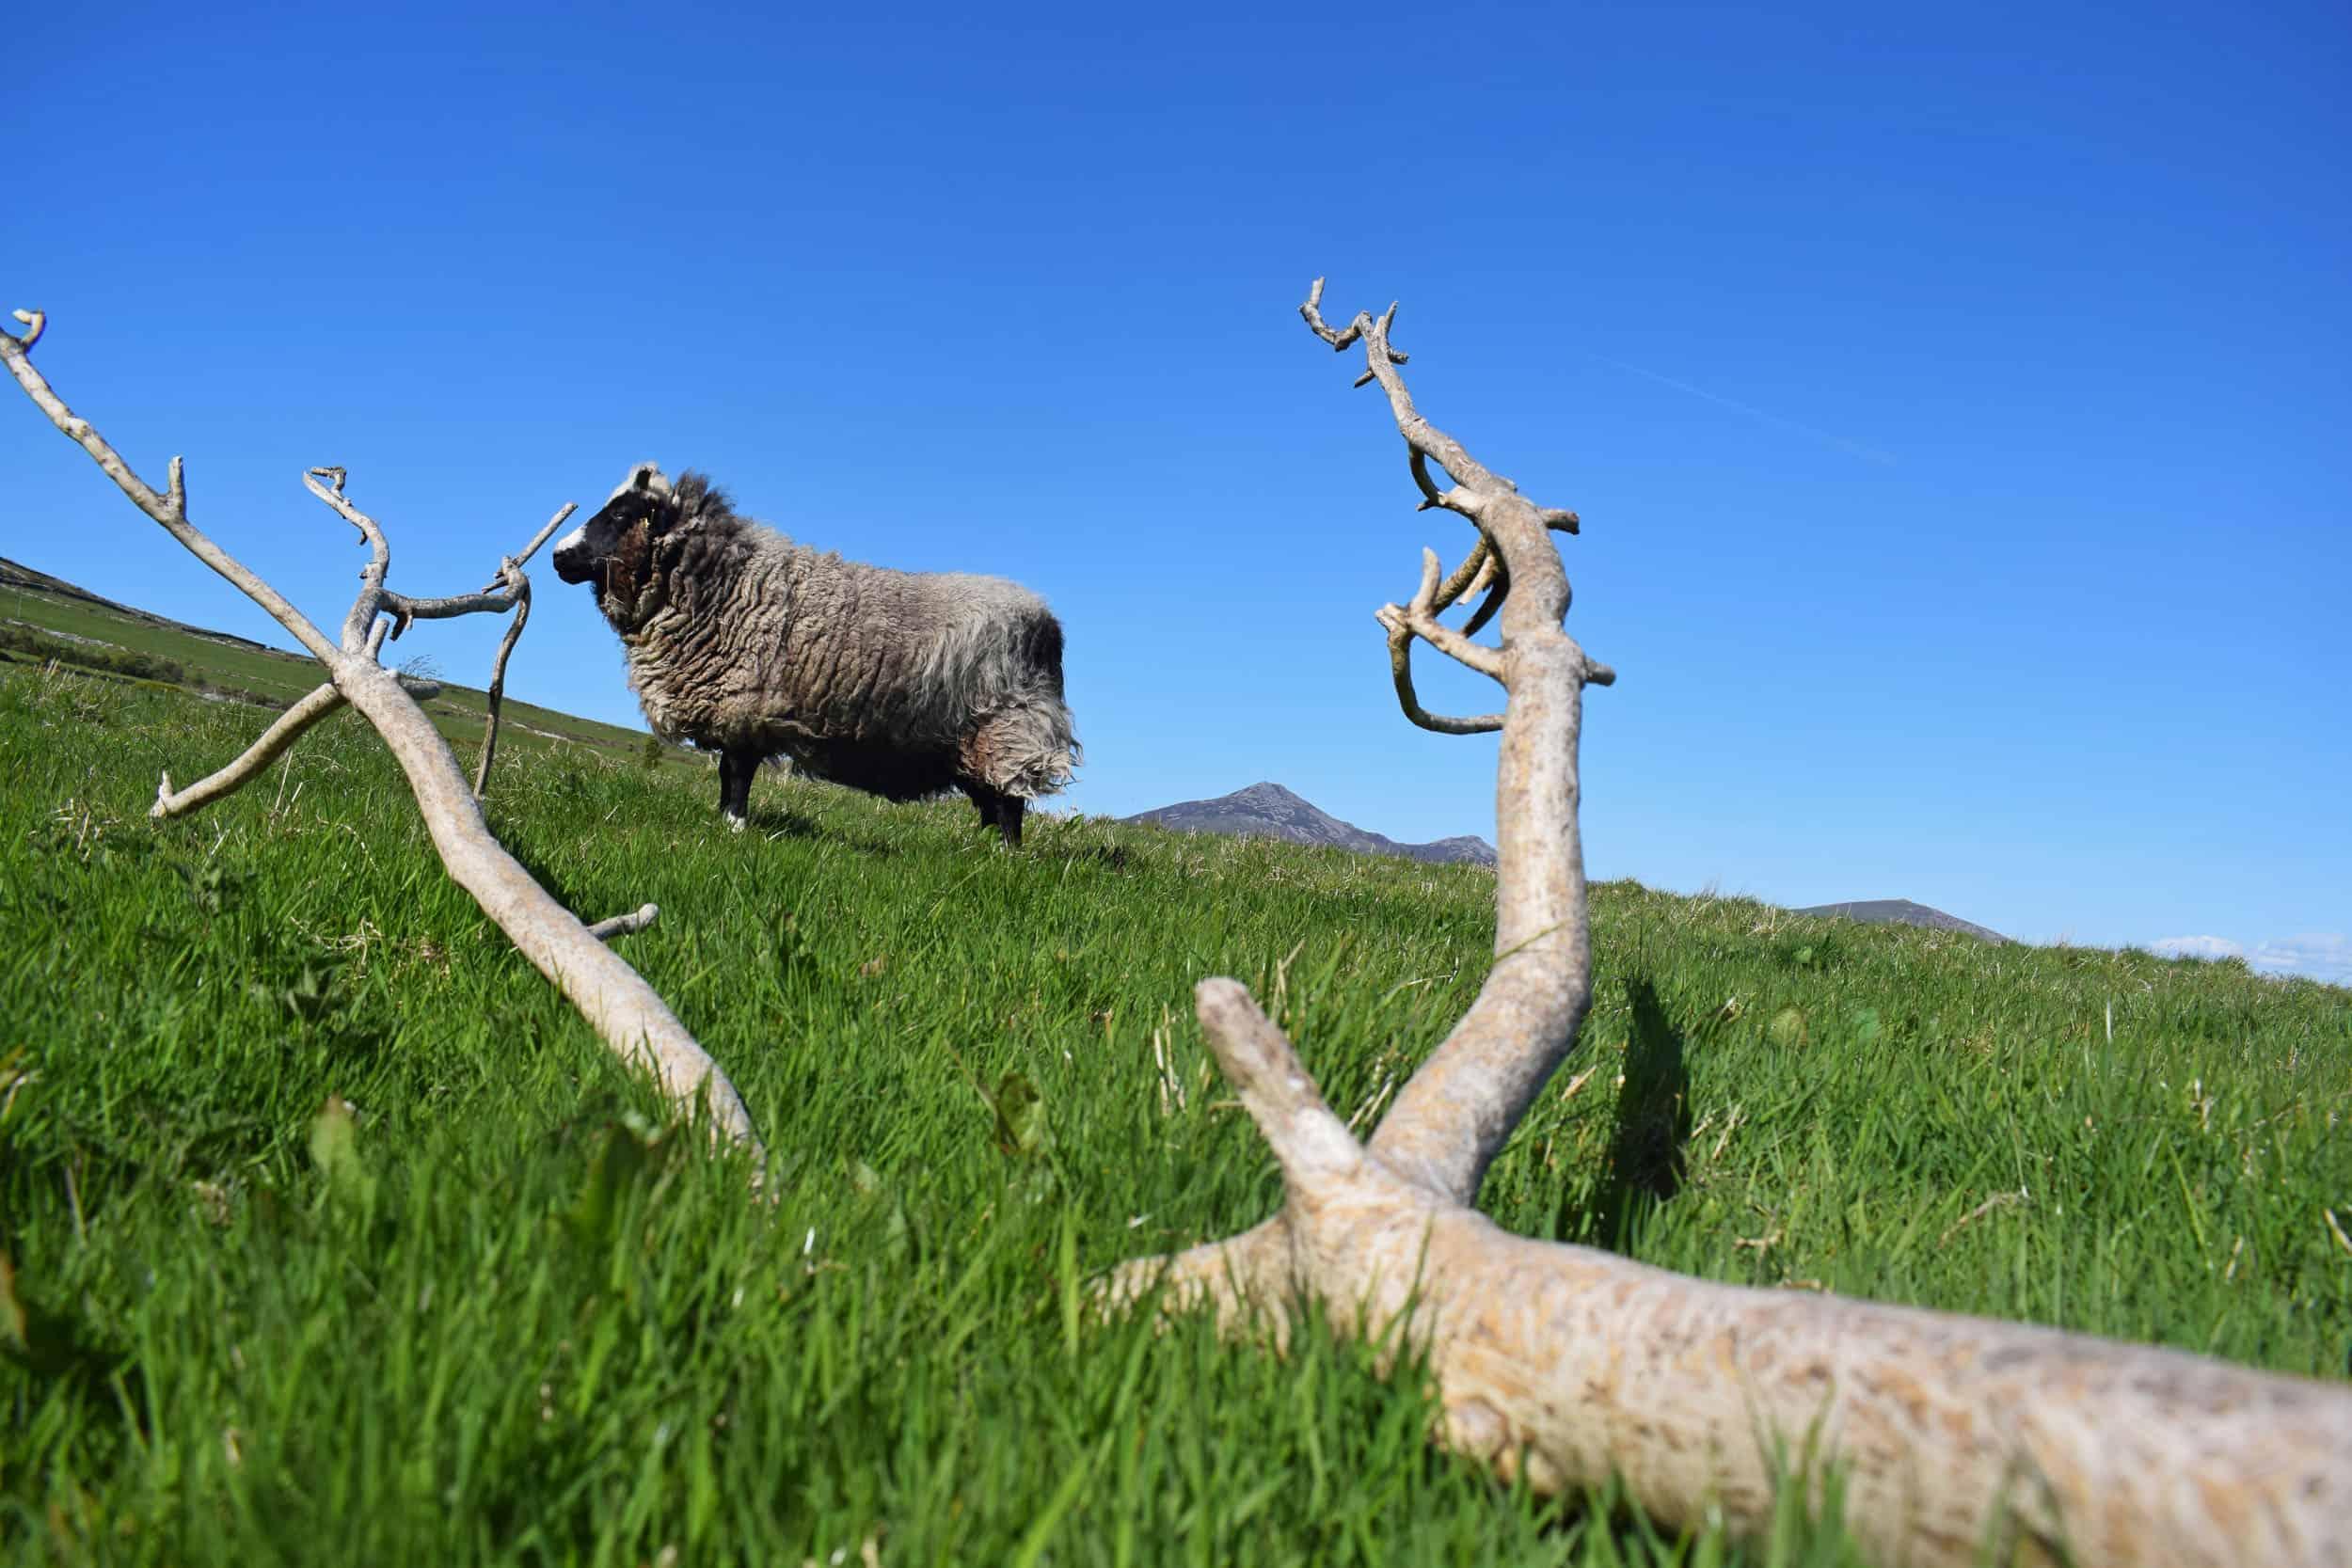 Holly pet lamb sheep jacob cross shetland spotted black grey white wales gwynedd tree ash